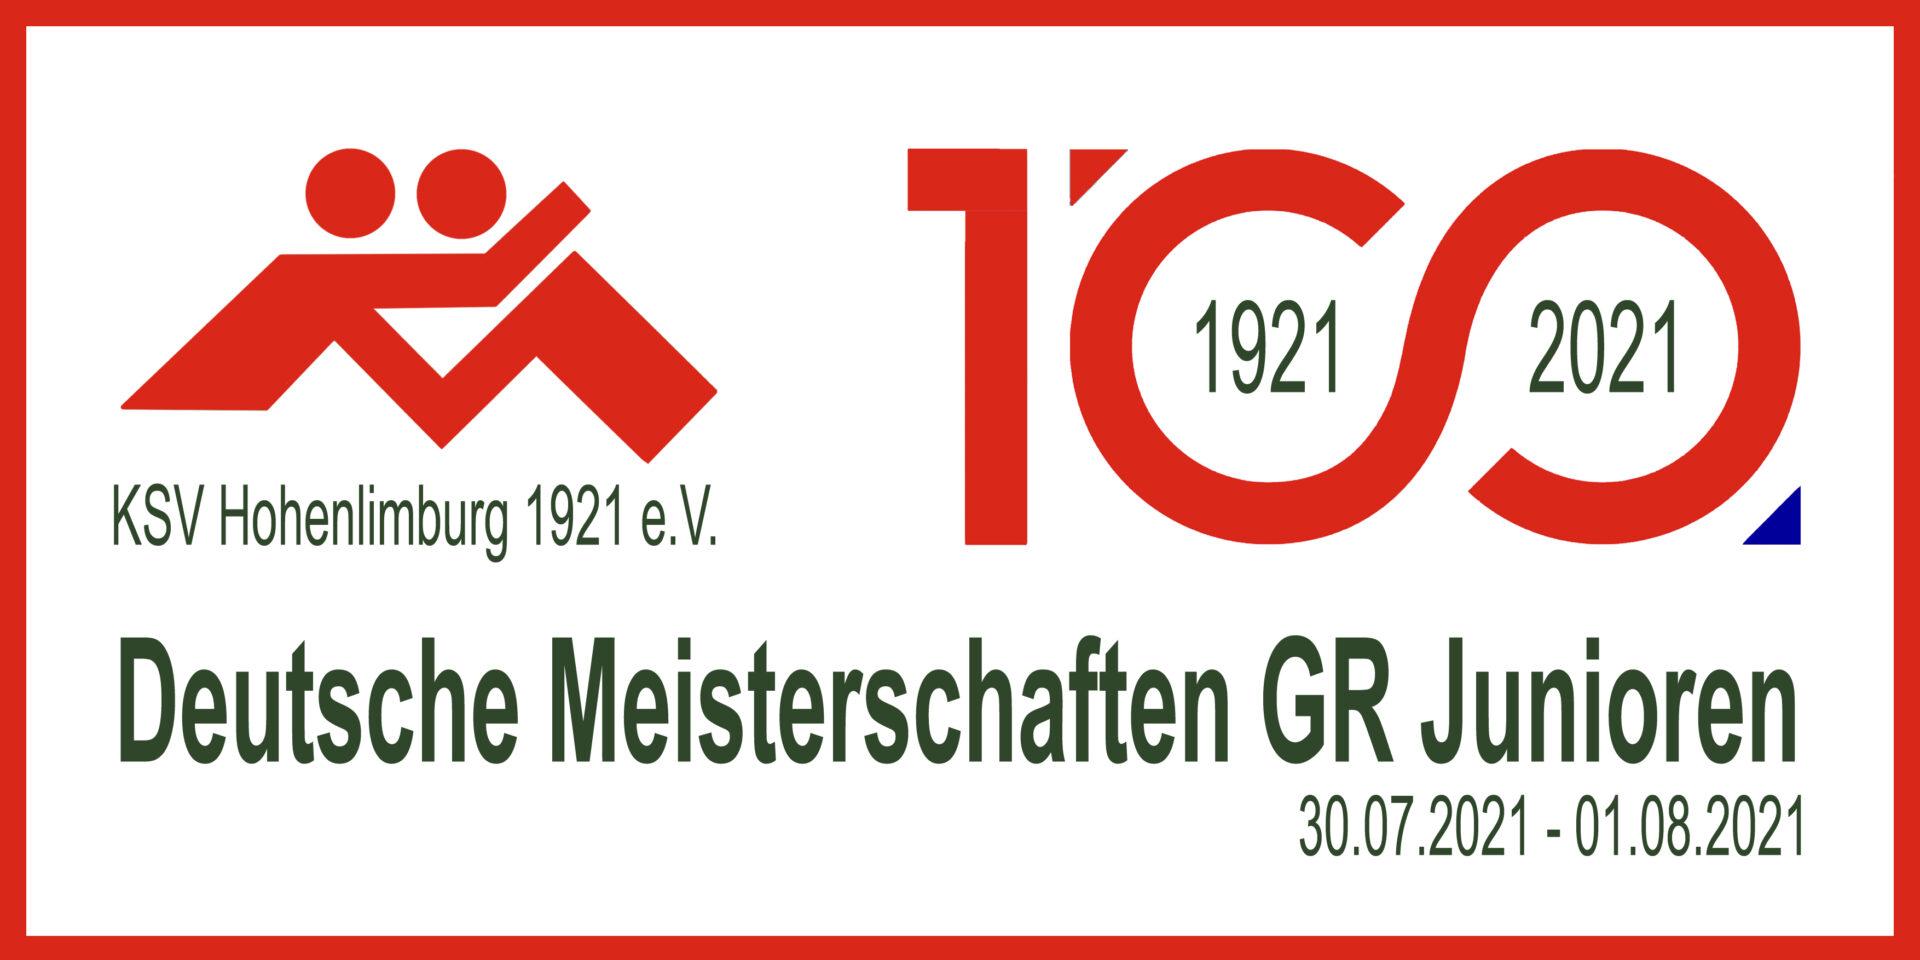 DM Junioren (GR) mit Alexander Zentgraf @ KSV Hohenlimburg